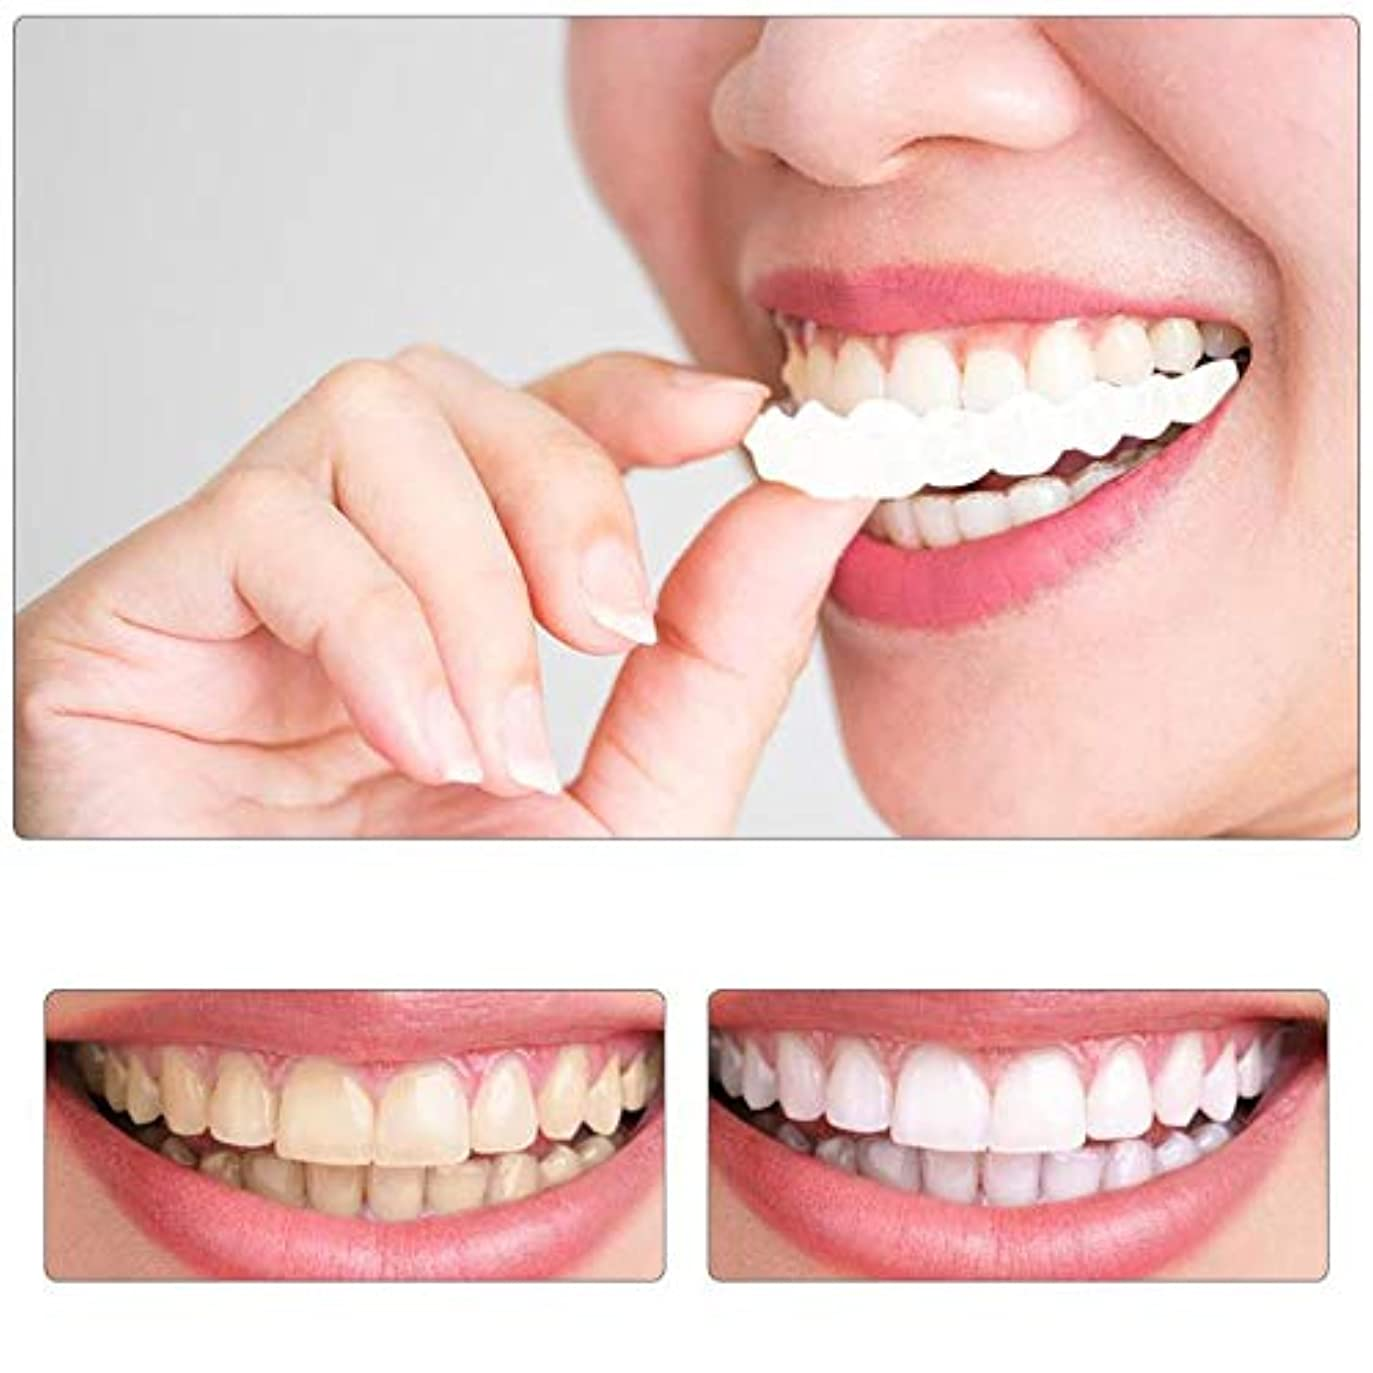 ギャップコマース懐疑的1ペア偽歯上部偽偽歯カバースナップオン即時歯化粧品義歯ケアオーラルケアプラスチックホワイトニング義歯